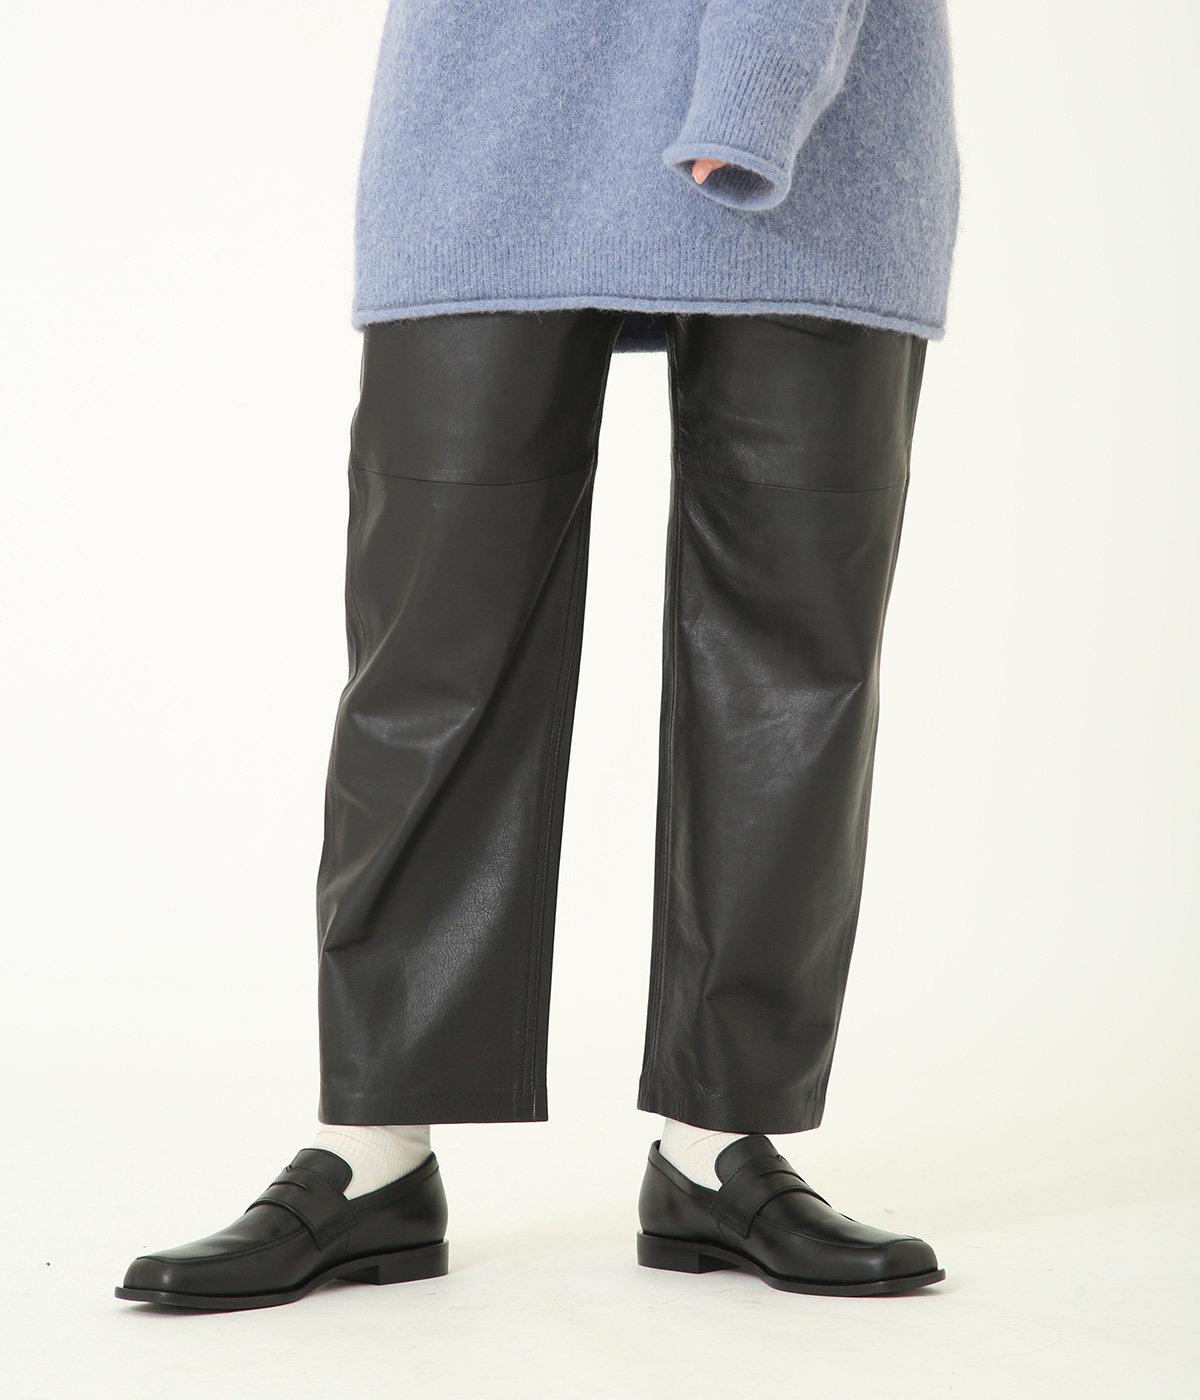 【レディース】Sheep leather 5pocket pants